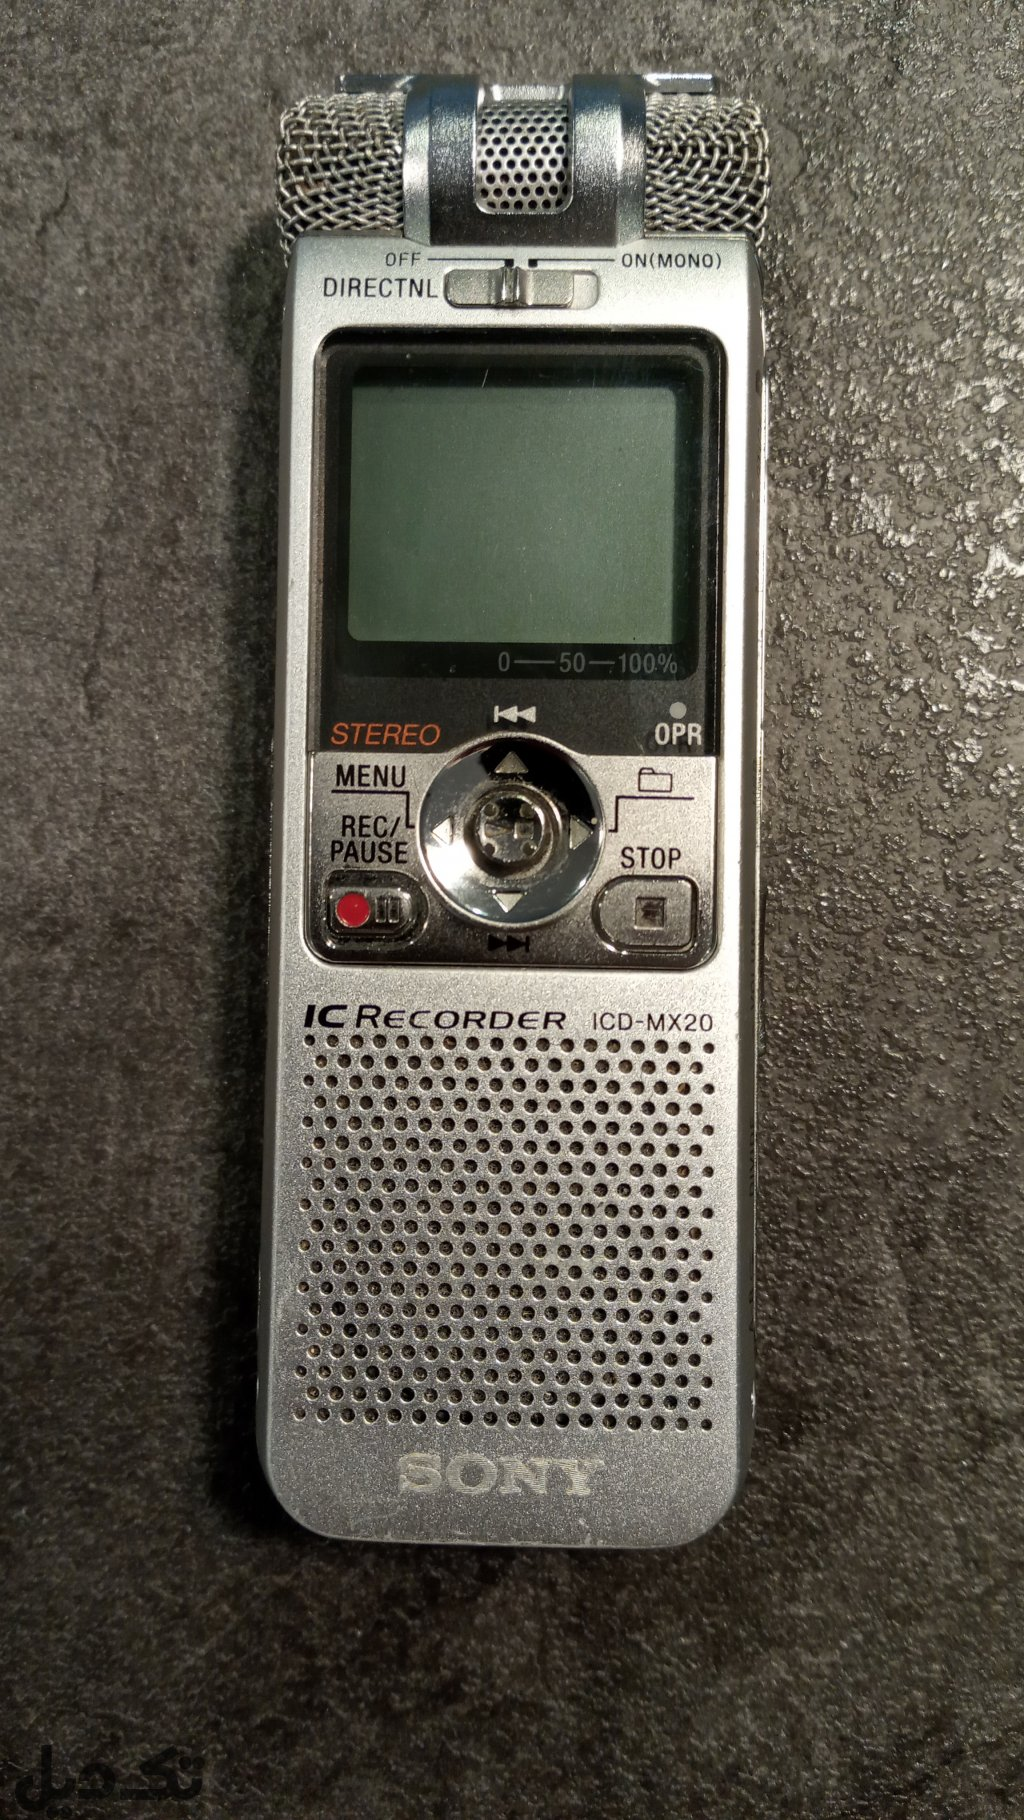 Ic recorder mx-20